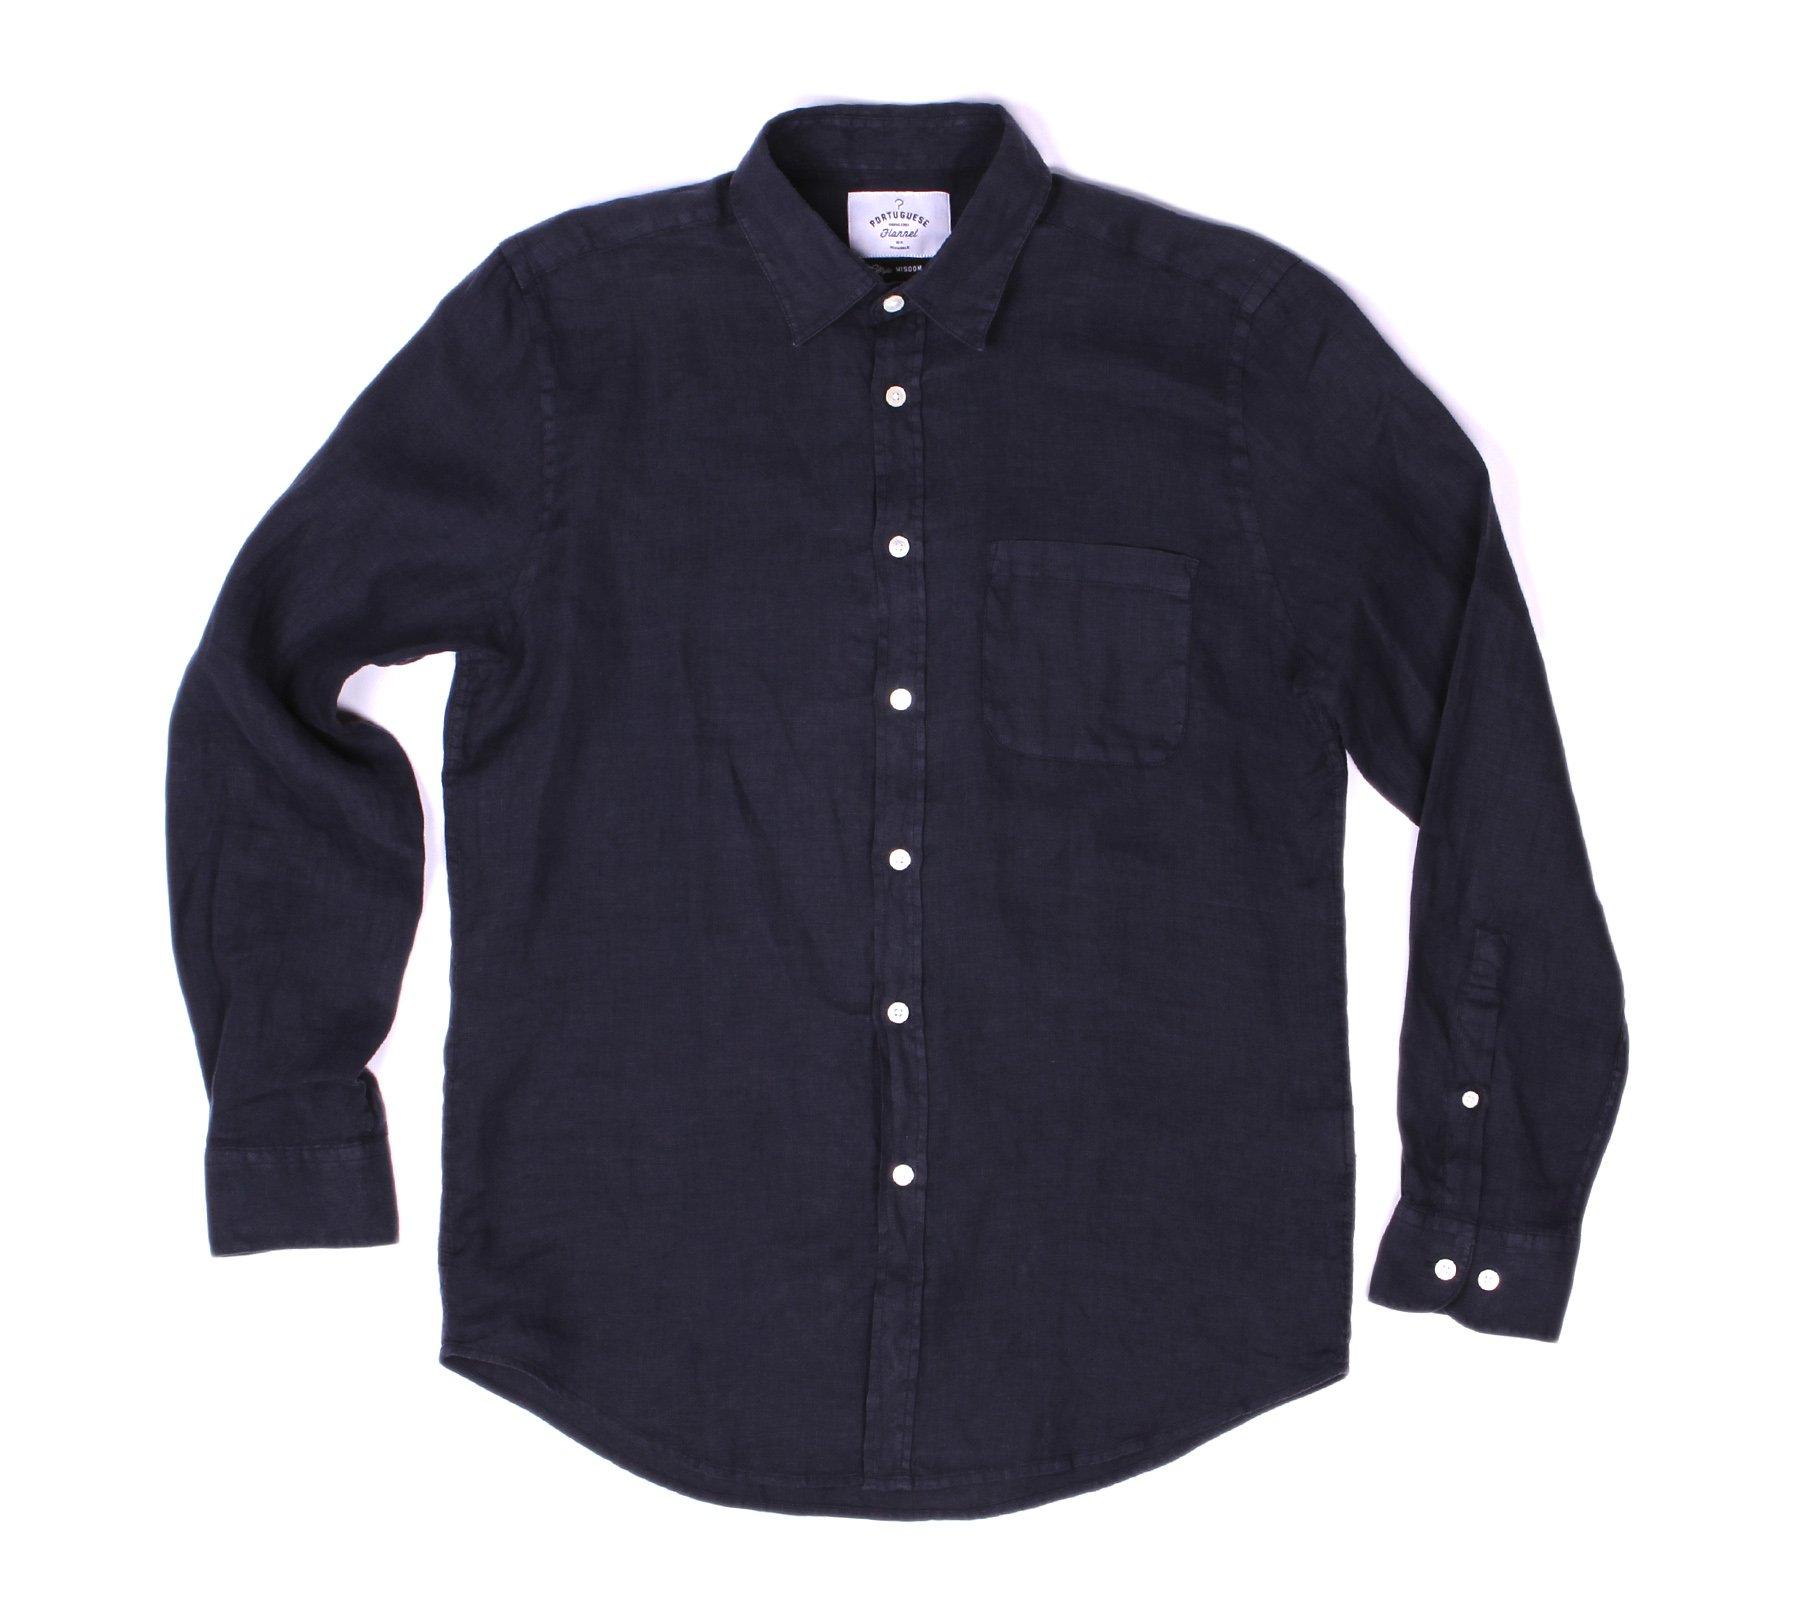 8f518e6a892a Portuguese Flannel Linen Long Sleeve Shirt - Dark Blue | Garmentory